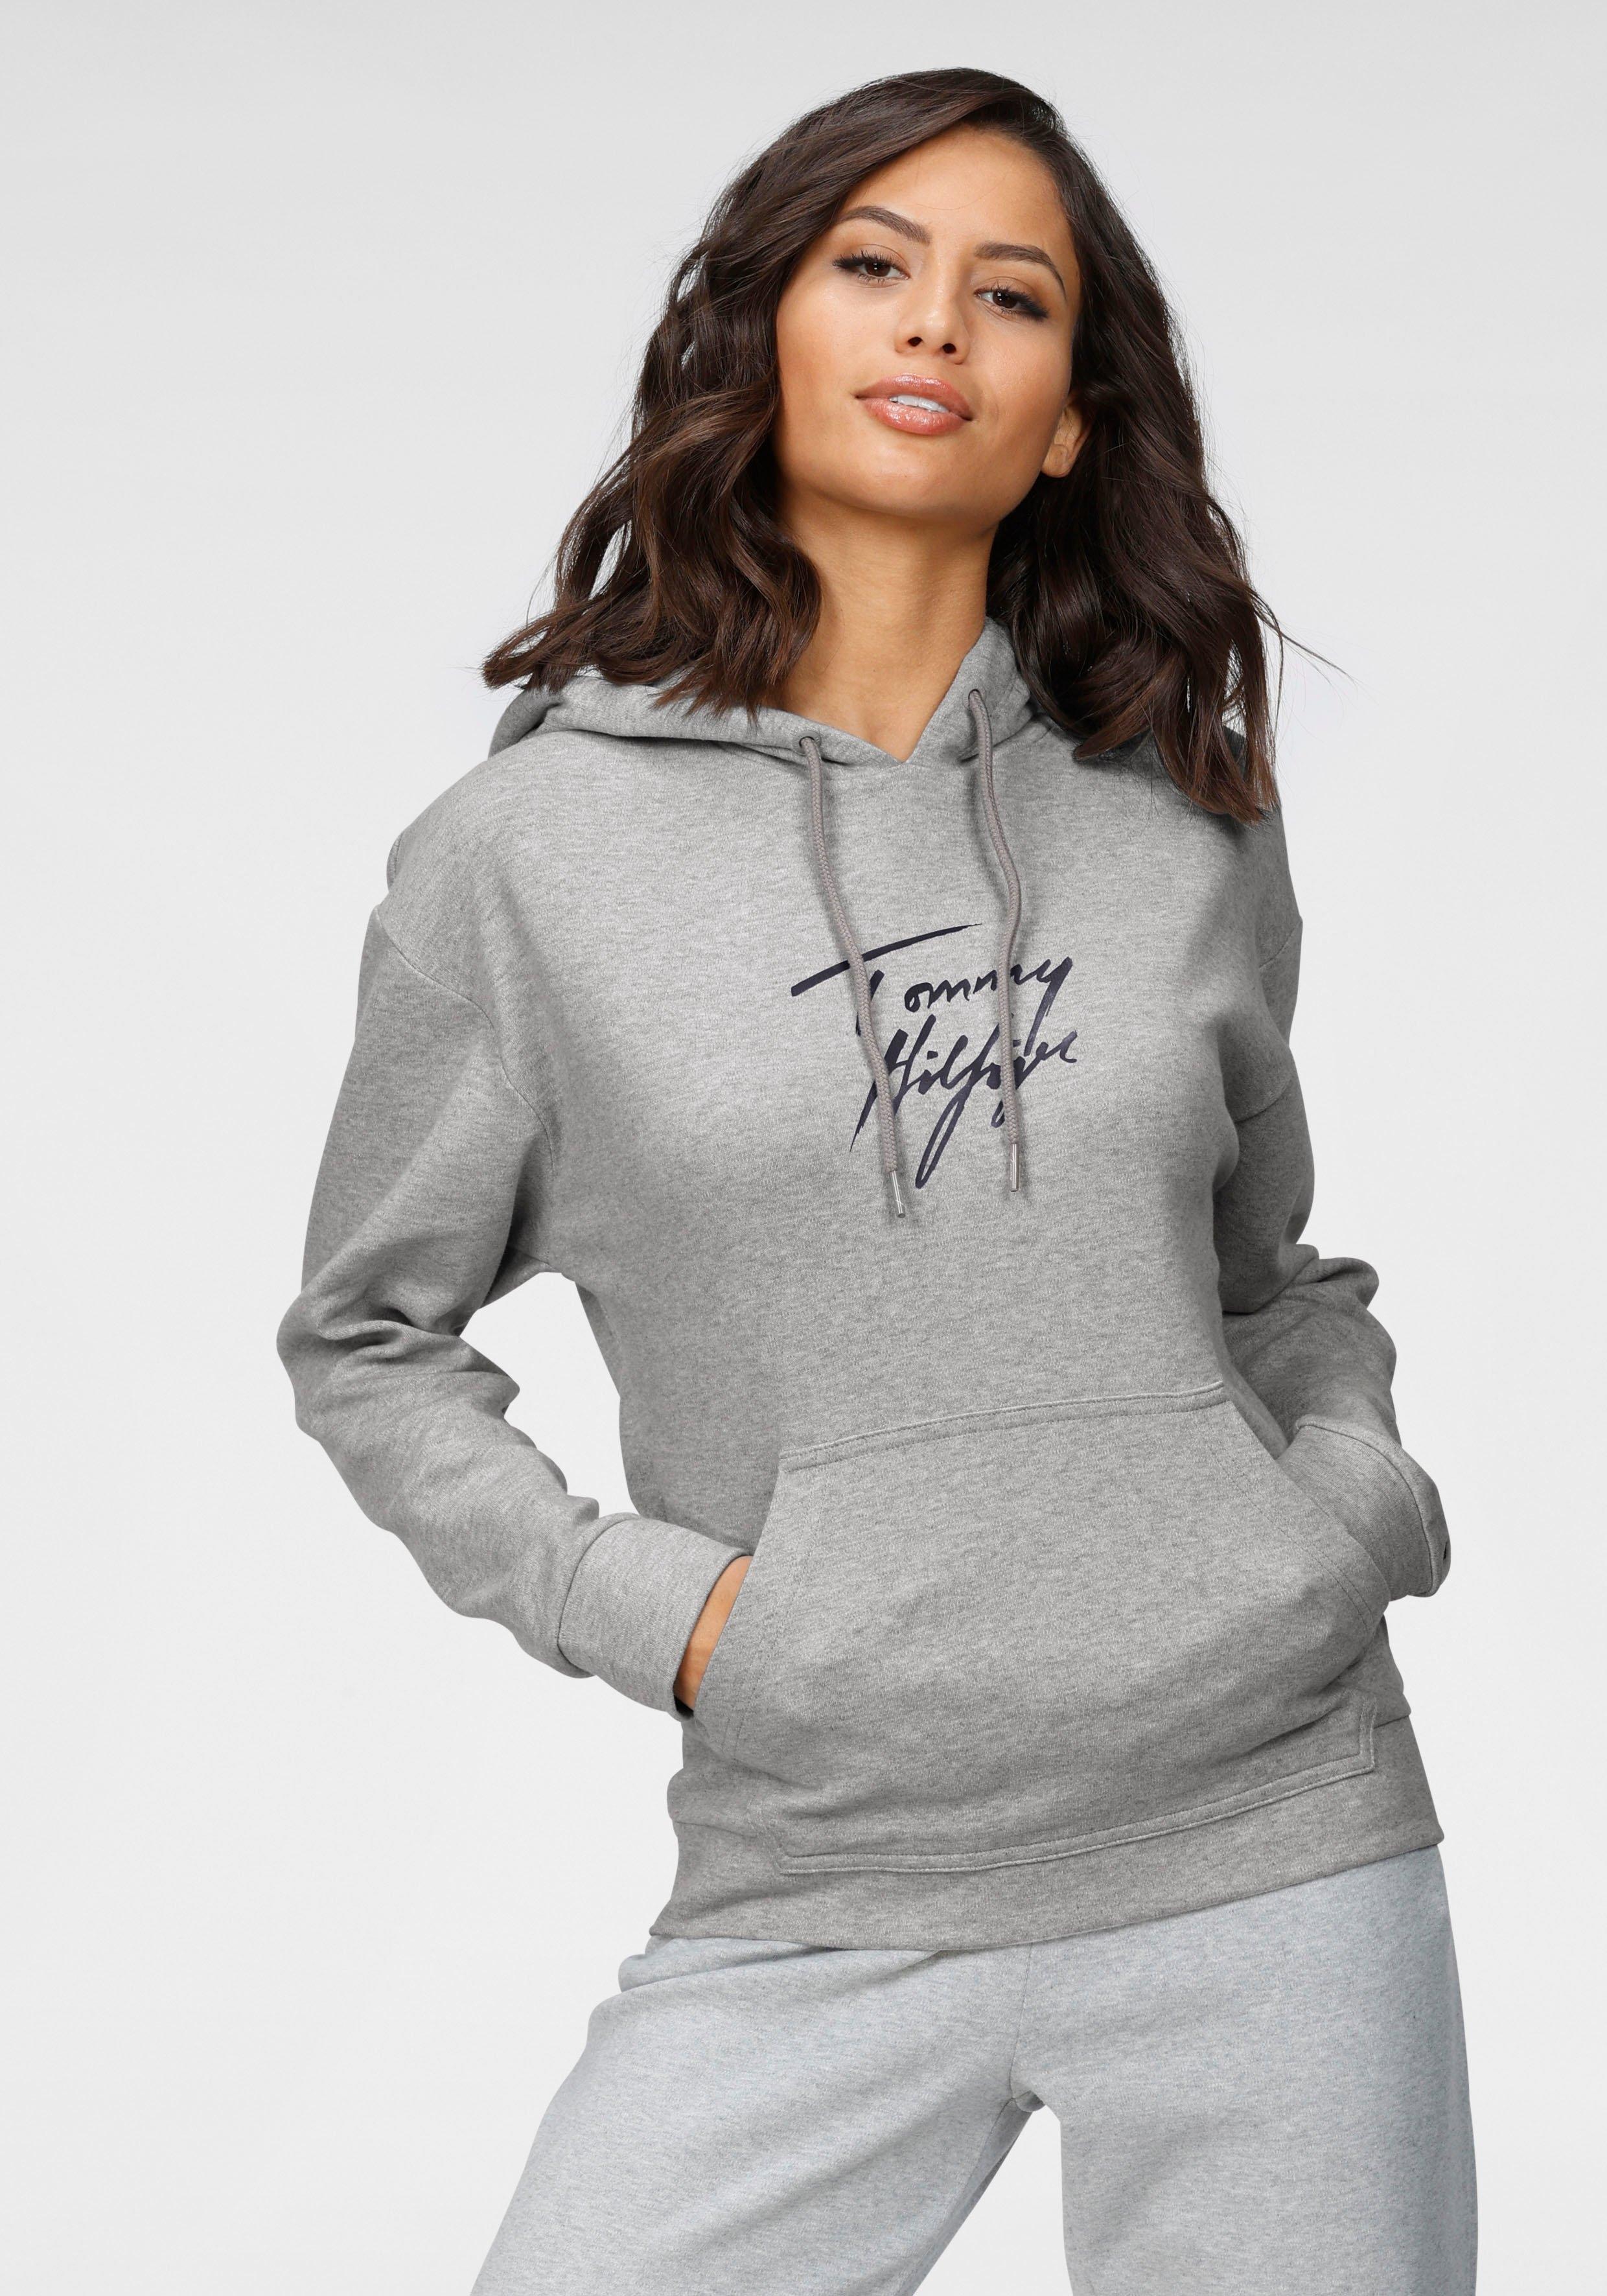 TOMMY HILFIGER hoodie - verschillende betaalmethodes